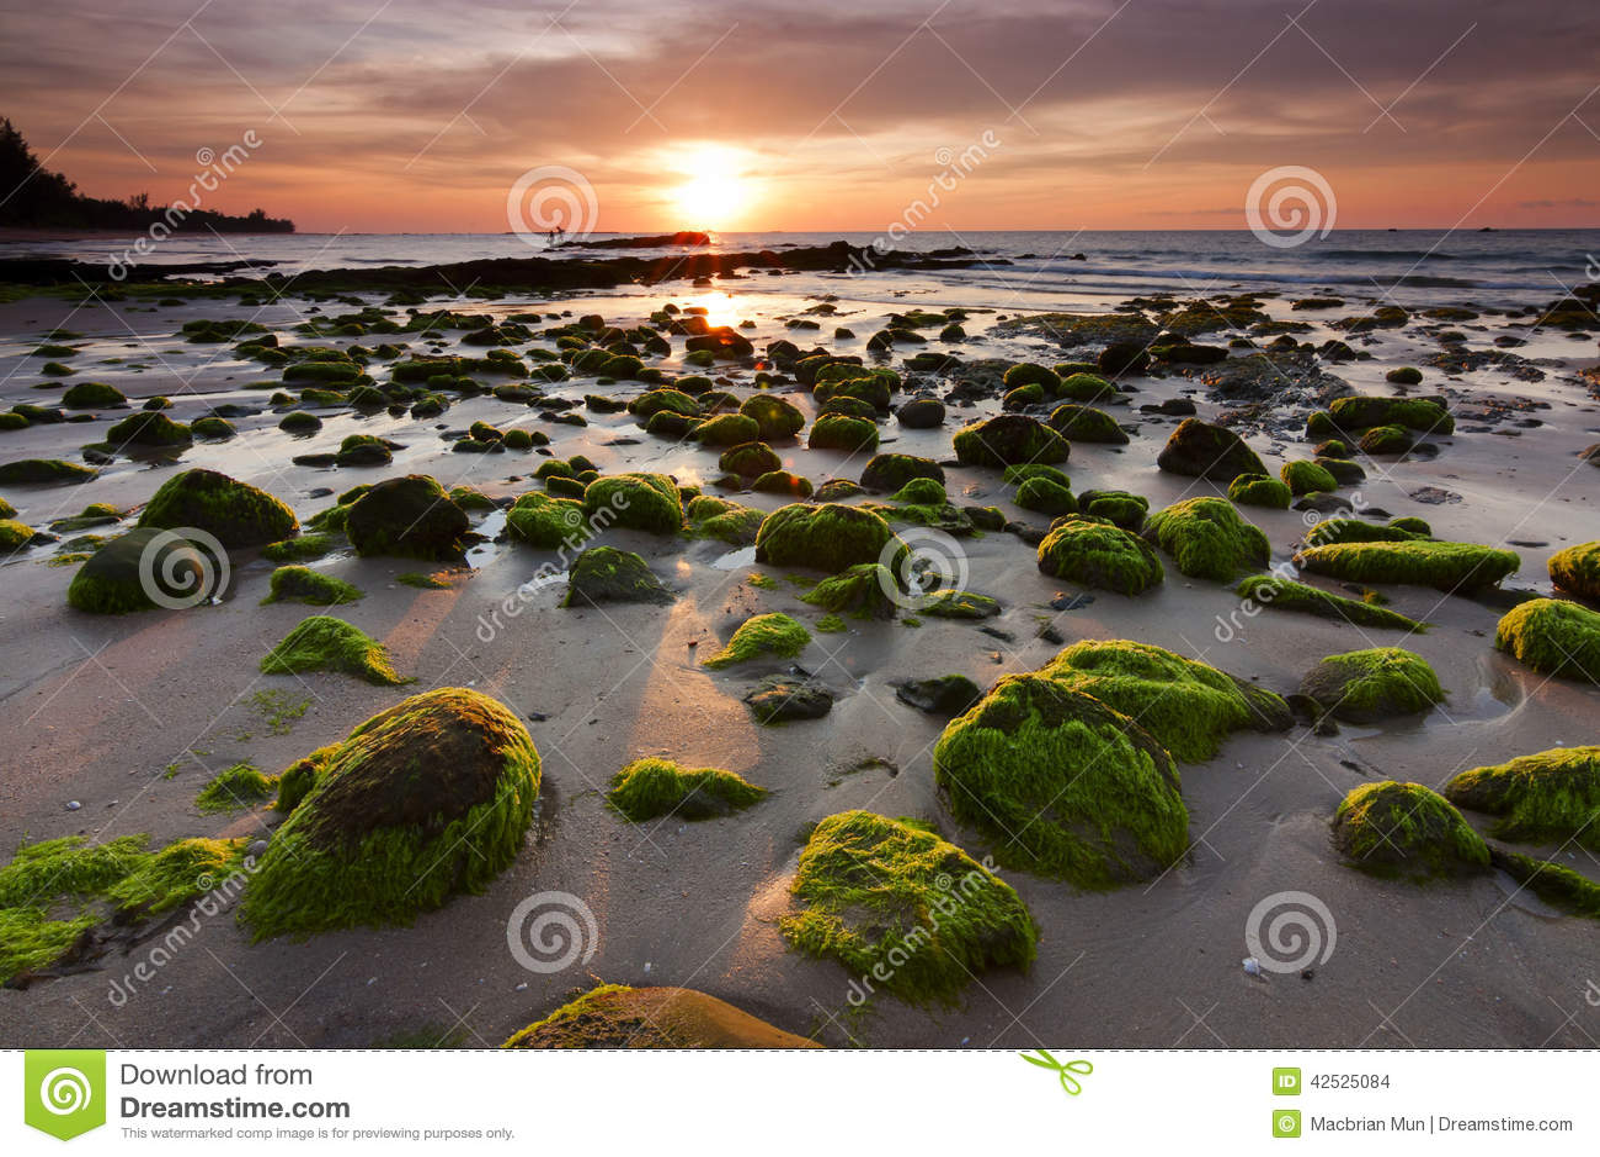 Mechate skały przy plażą w Kudat, Sabah, Wschodni Malezja